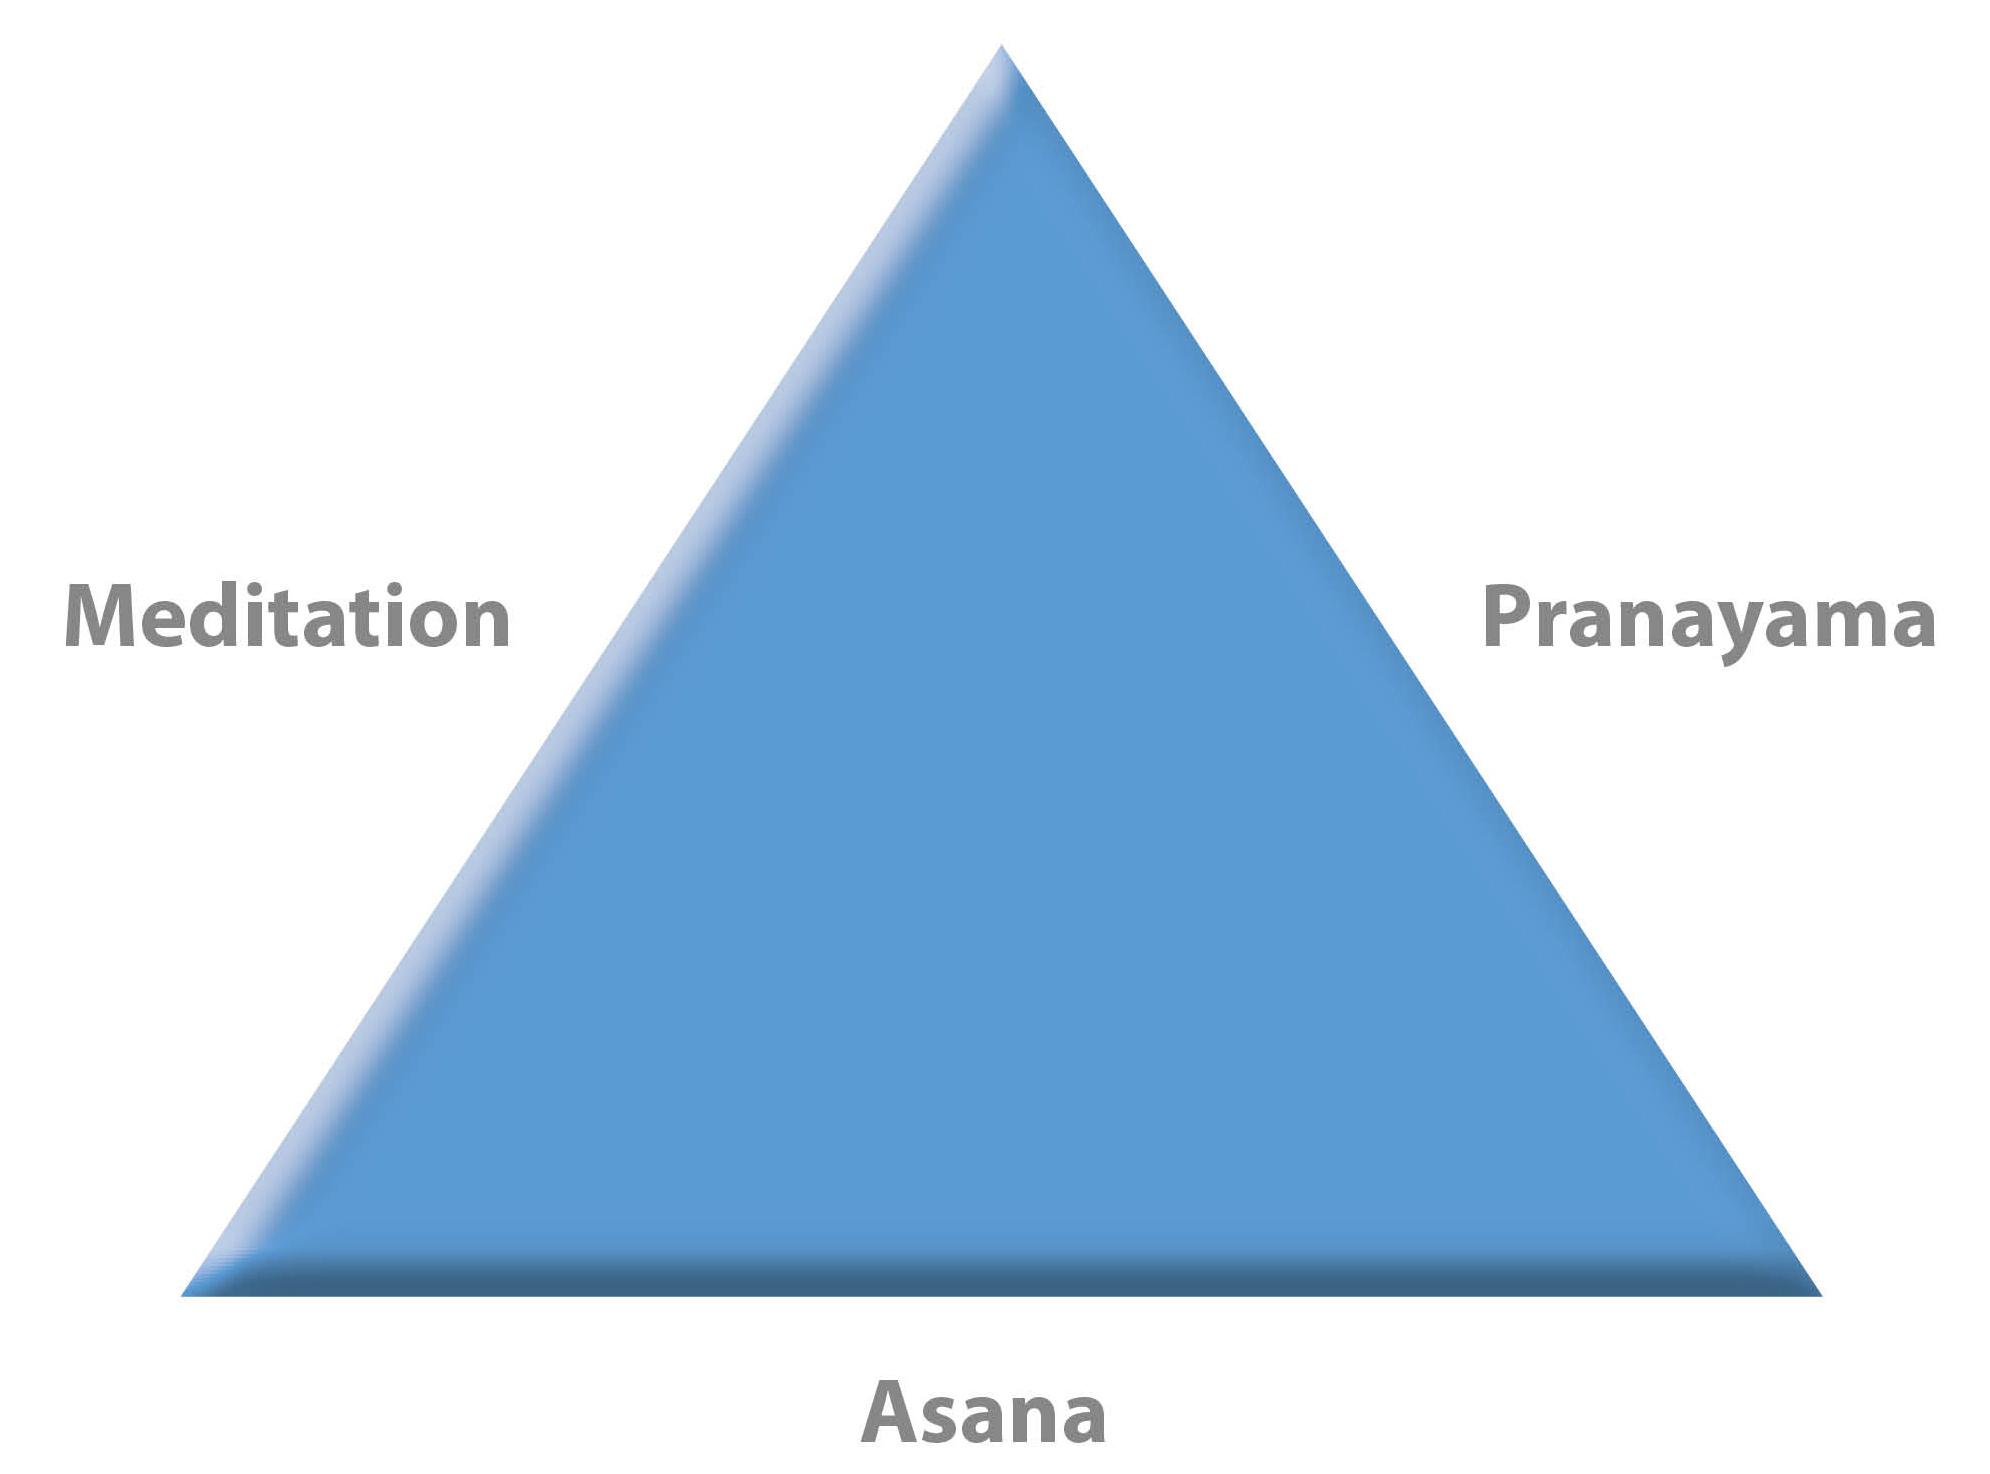 Hatha-Yoga Pyramide, Asana, Pranayama, Meditation